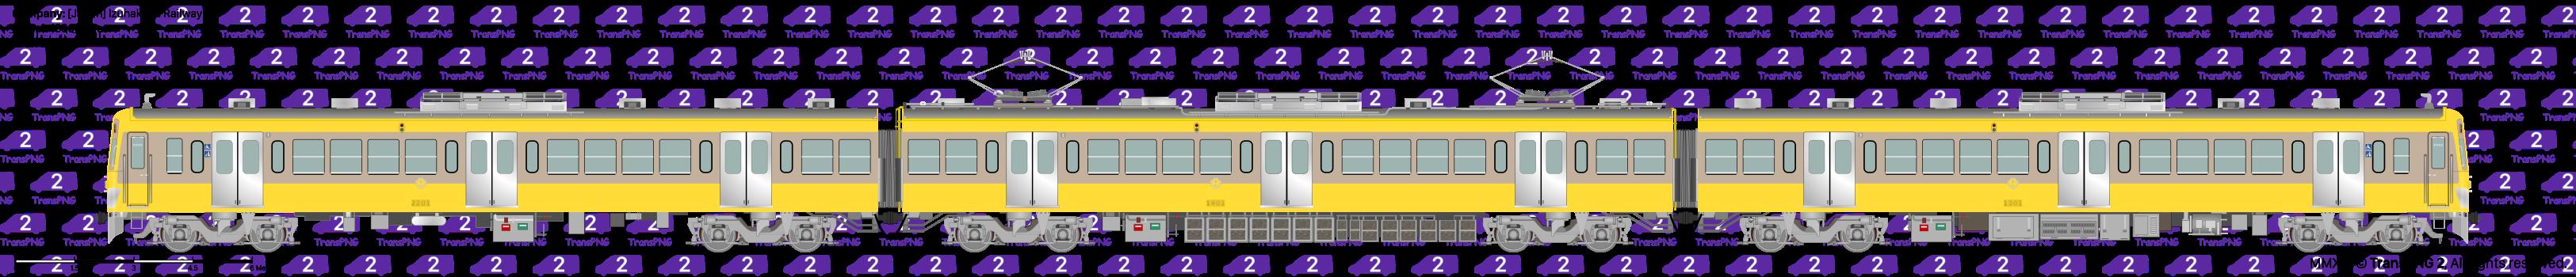 [24025] 伊豆箱根鉄道 24025